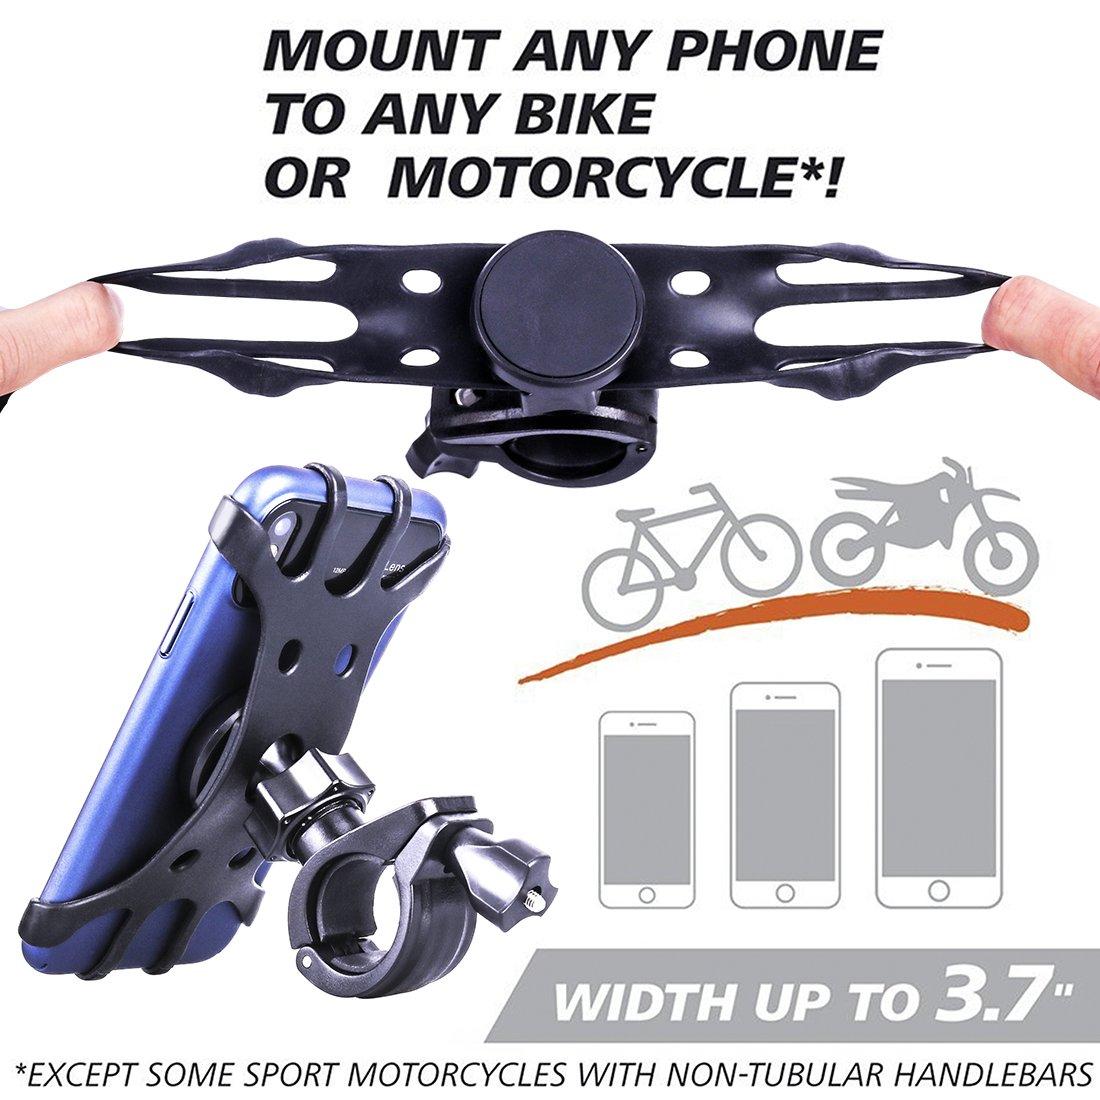 Anti-Shake Fahrradhalterung Motorrad Handy-Halter Universal Radsport Verhütung von Abstürzen Fahrrad-Lenker Handyhalter Wiege Klammer mit 360 Drehen Für 4-6,5 Zoll Smartphone GPS